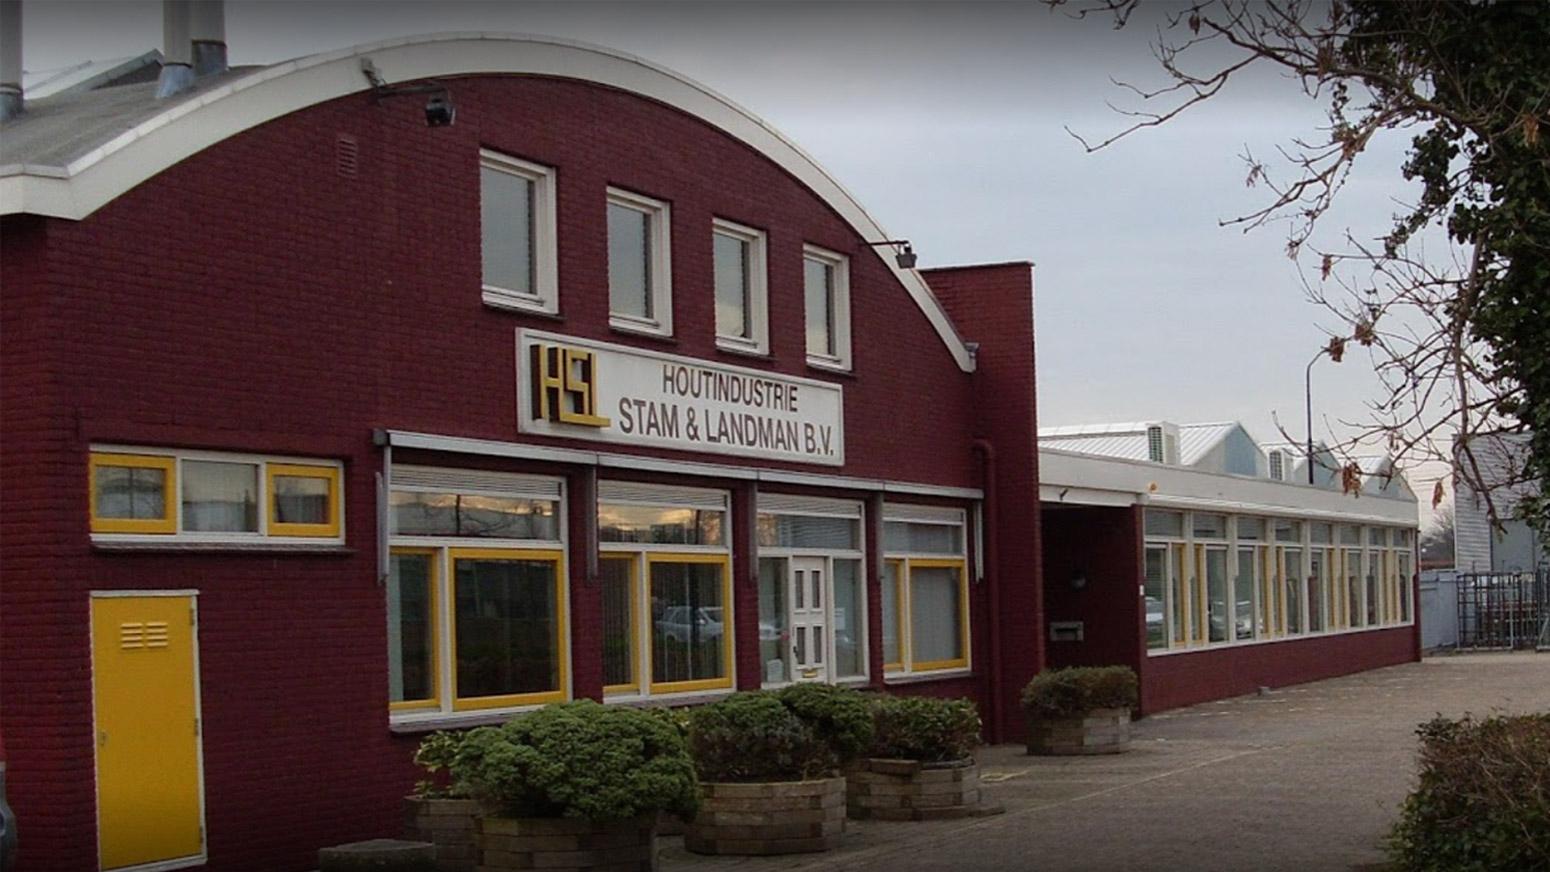 Voorzijde bedrijfspand Houtindustrie Stam & Landman BV. Heerhugowaard